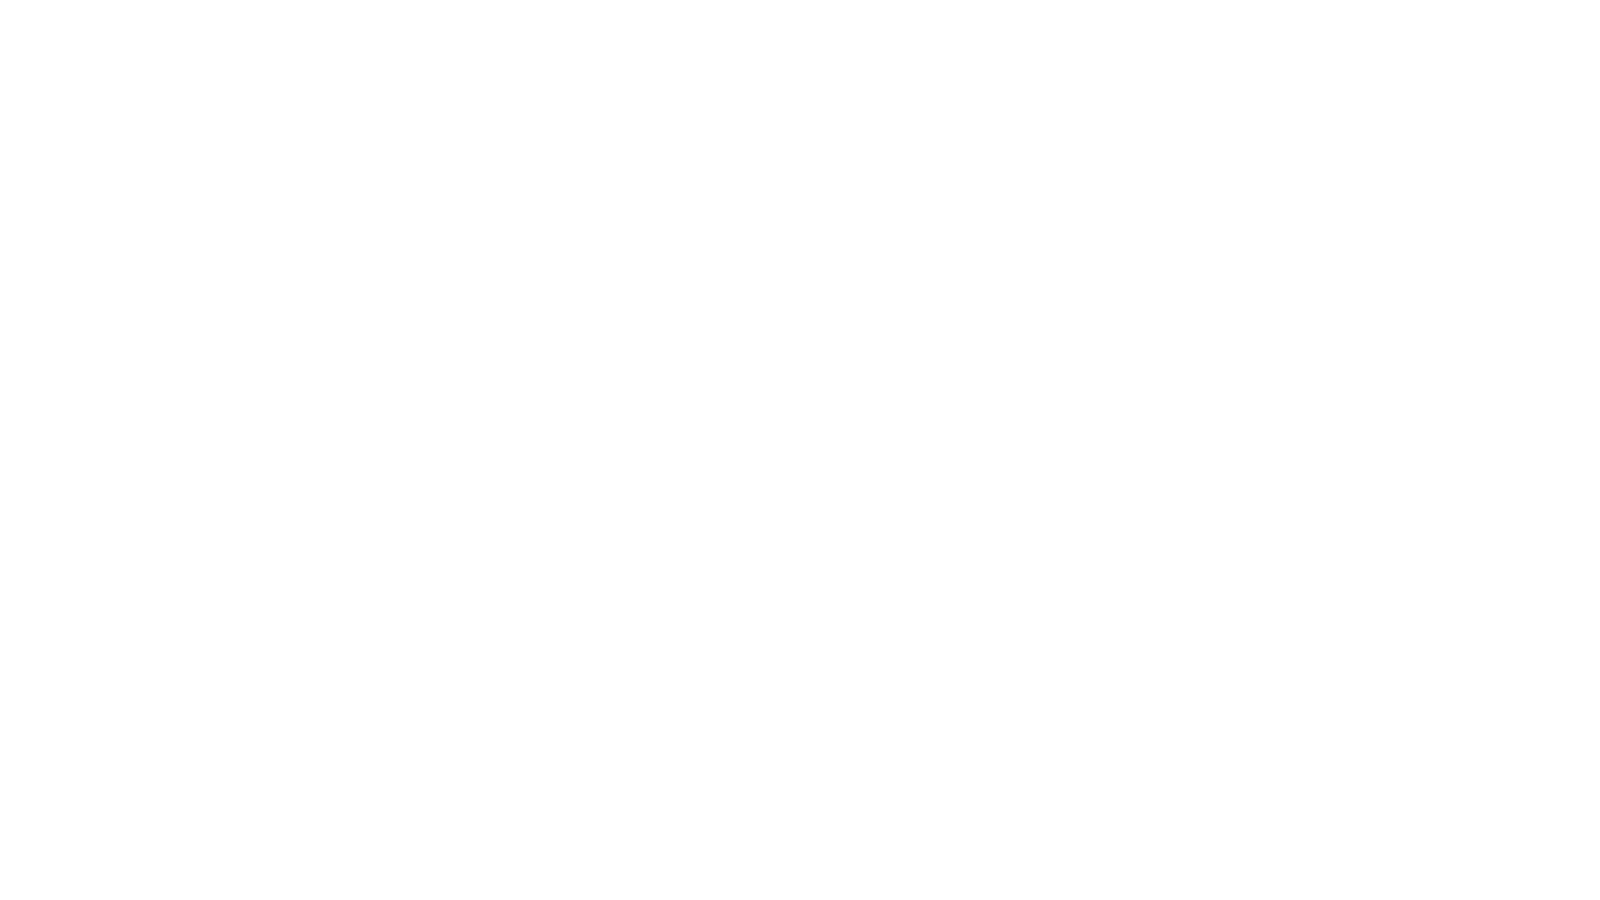 Sono circa 2 milioni le famiglie in povertà assoluta in Italia nel 2020, i dati Istat mostrano come i casi di disagio economico sia aumentati nell'anno della pandemia. Il Sud ha subito dei duri colpi e la percentuale di famiglie in condizioni di difficoltà ha raggiunto quasi il 9,5%. Dato che questi numeri sono freddi e possono sembrare lontani, abbiamo deciso di parlare con gli operatori del Terzo settore e con Don Rigoberto per poter capire quali siano le nuove povertà nella Locride e come si possano aiutare le famiglie in difficoltà